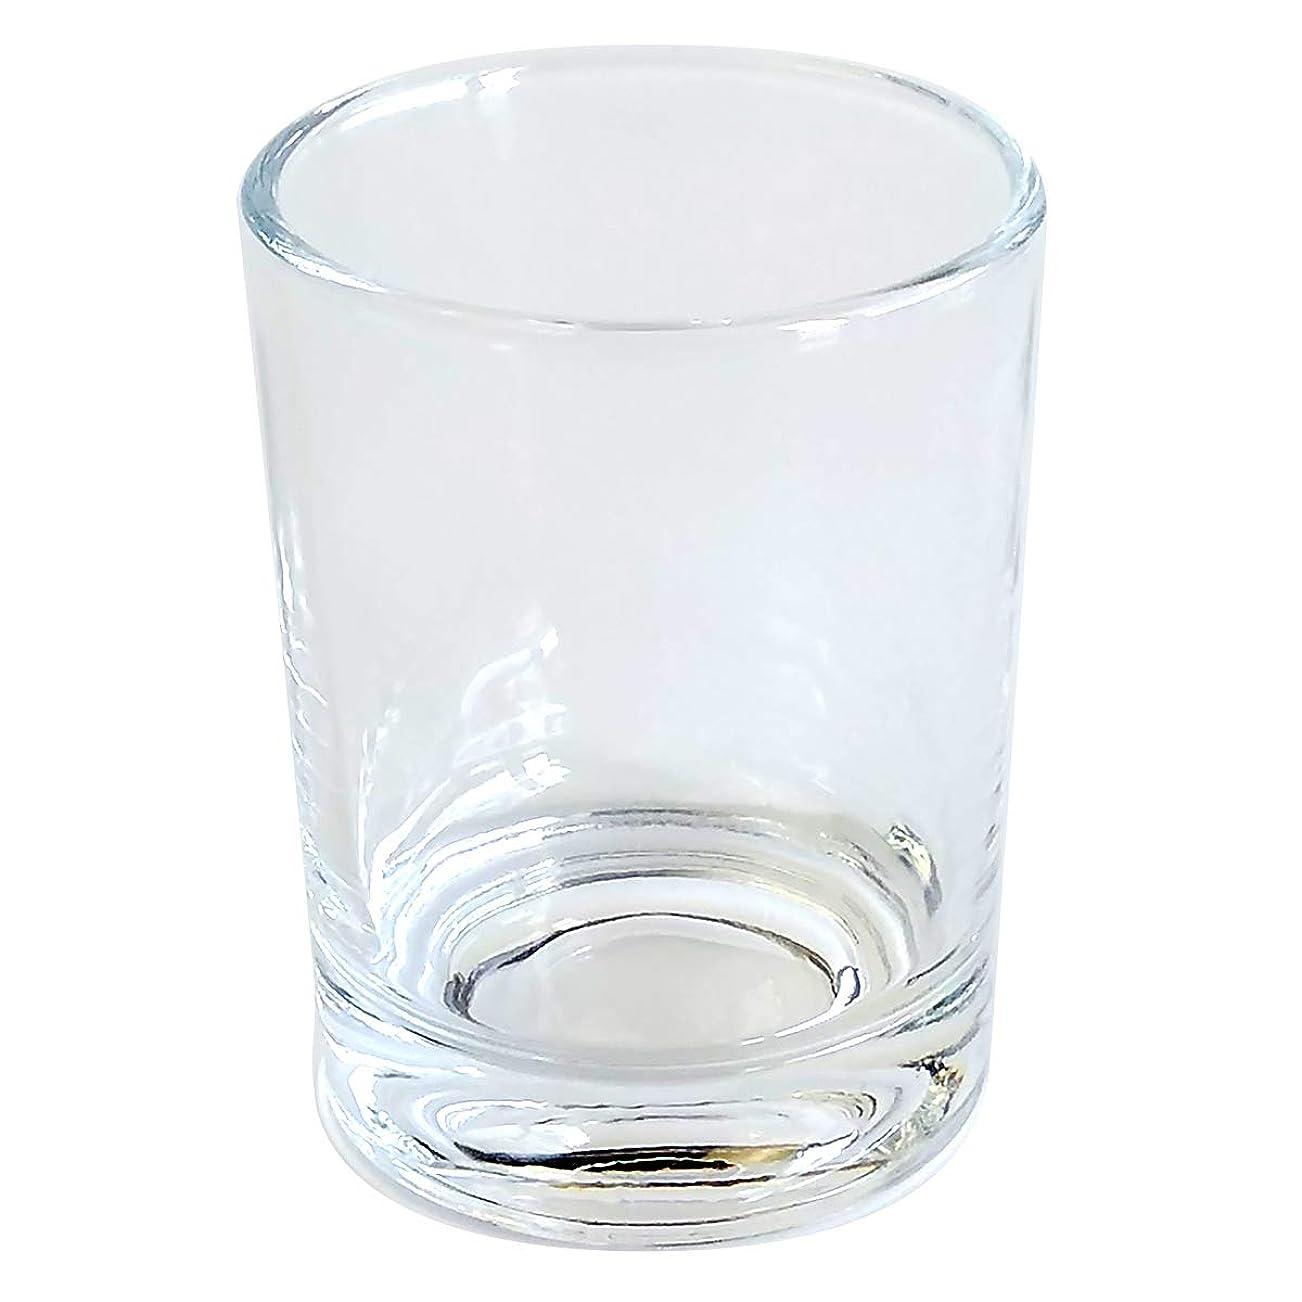 クリック祭司コミュニケーションキャンドルホルダー ガラス シンプル[大] 1個 キャンドルスタンド ろうそく立て おしゃれ